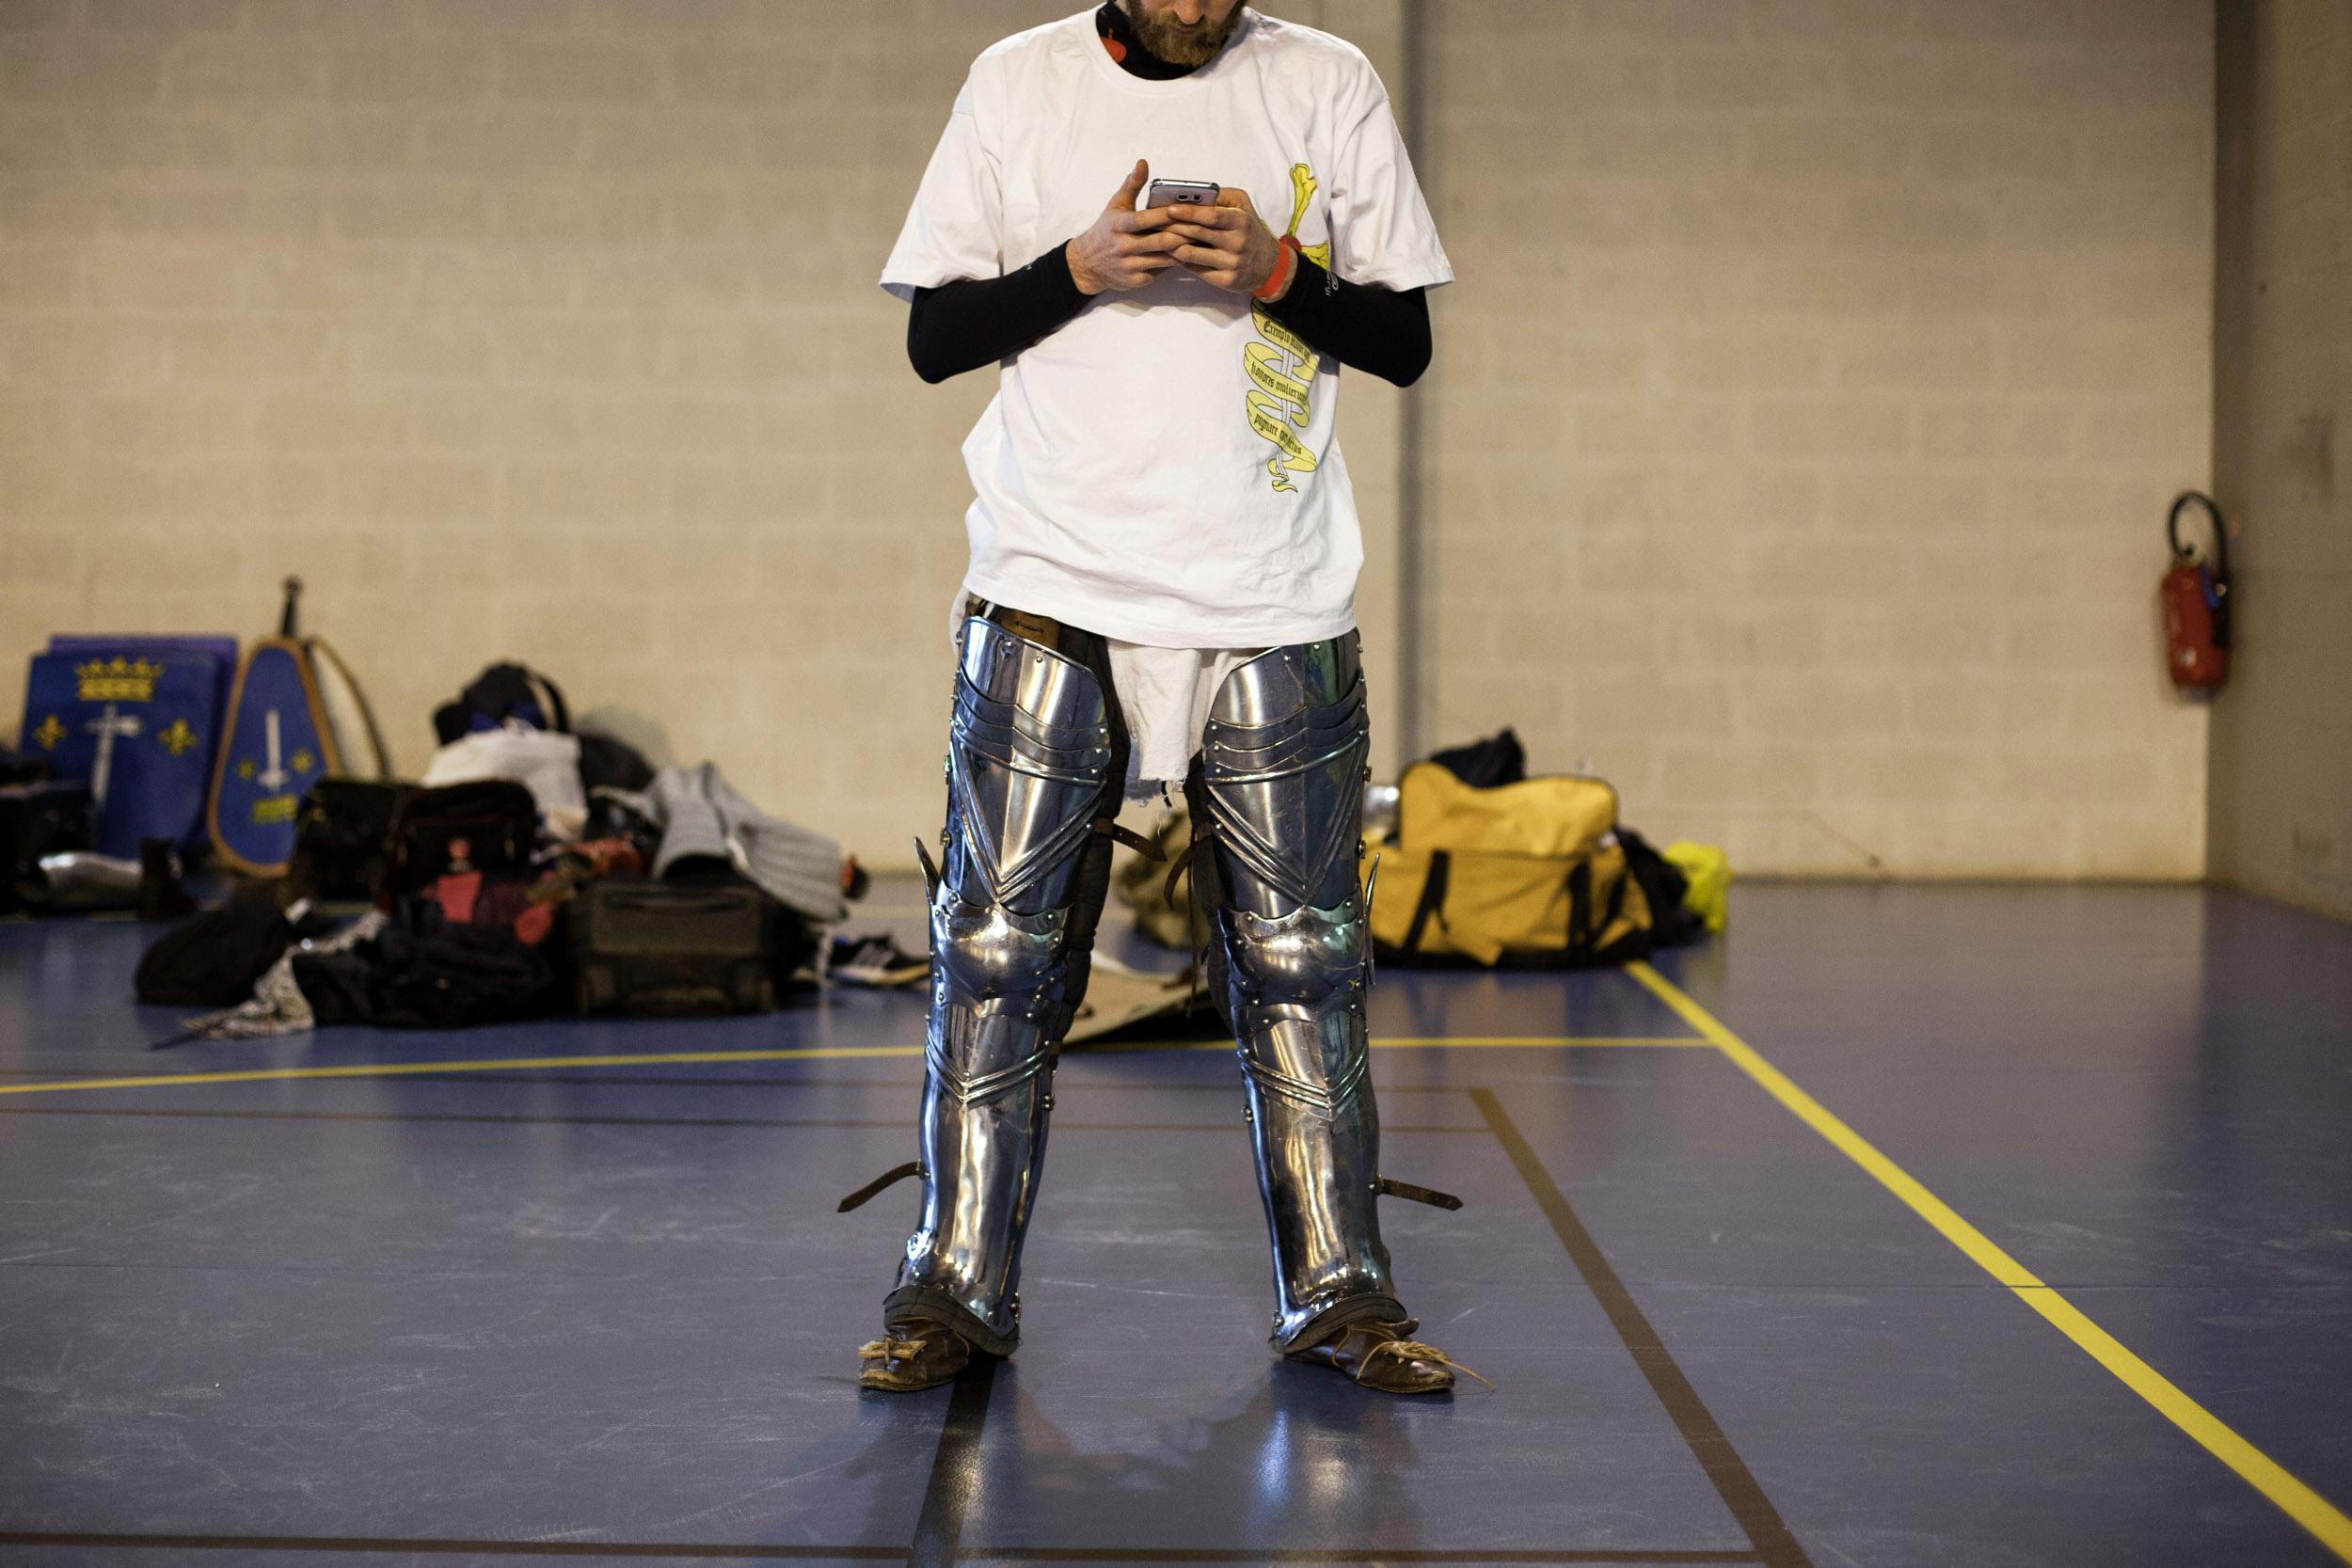 Un combattant regarde son téléphone avant le début du tournoi en duel. Carrière sous Poissy. (Région parisienne)